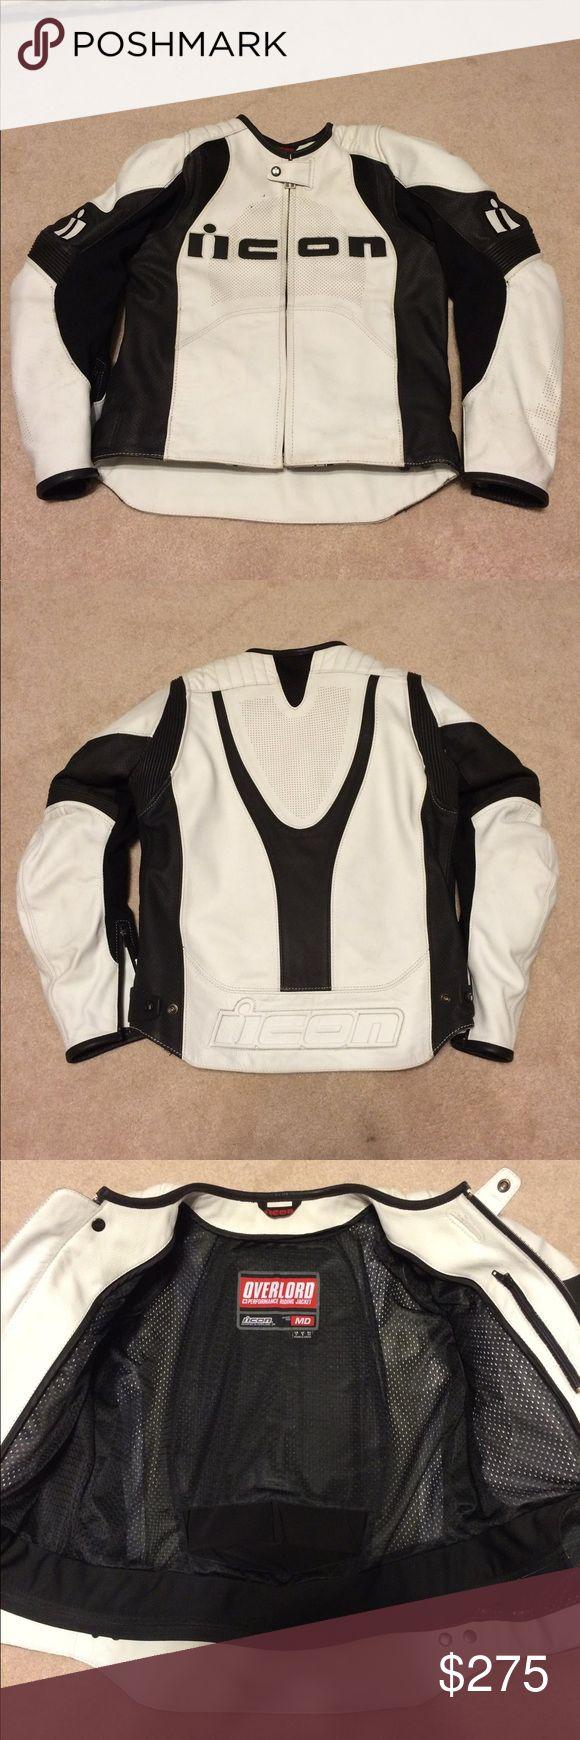 Size medium Men's ICON motorcycle jacket Black and white leather Icon jacket ICON Jackets & Coats